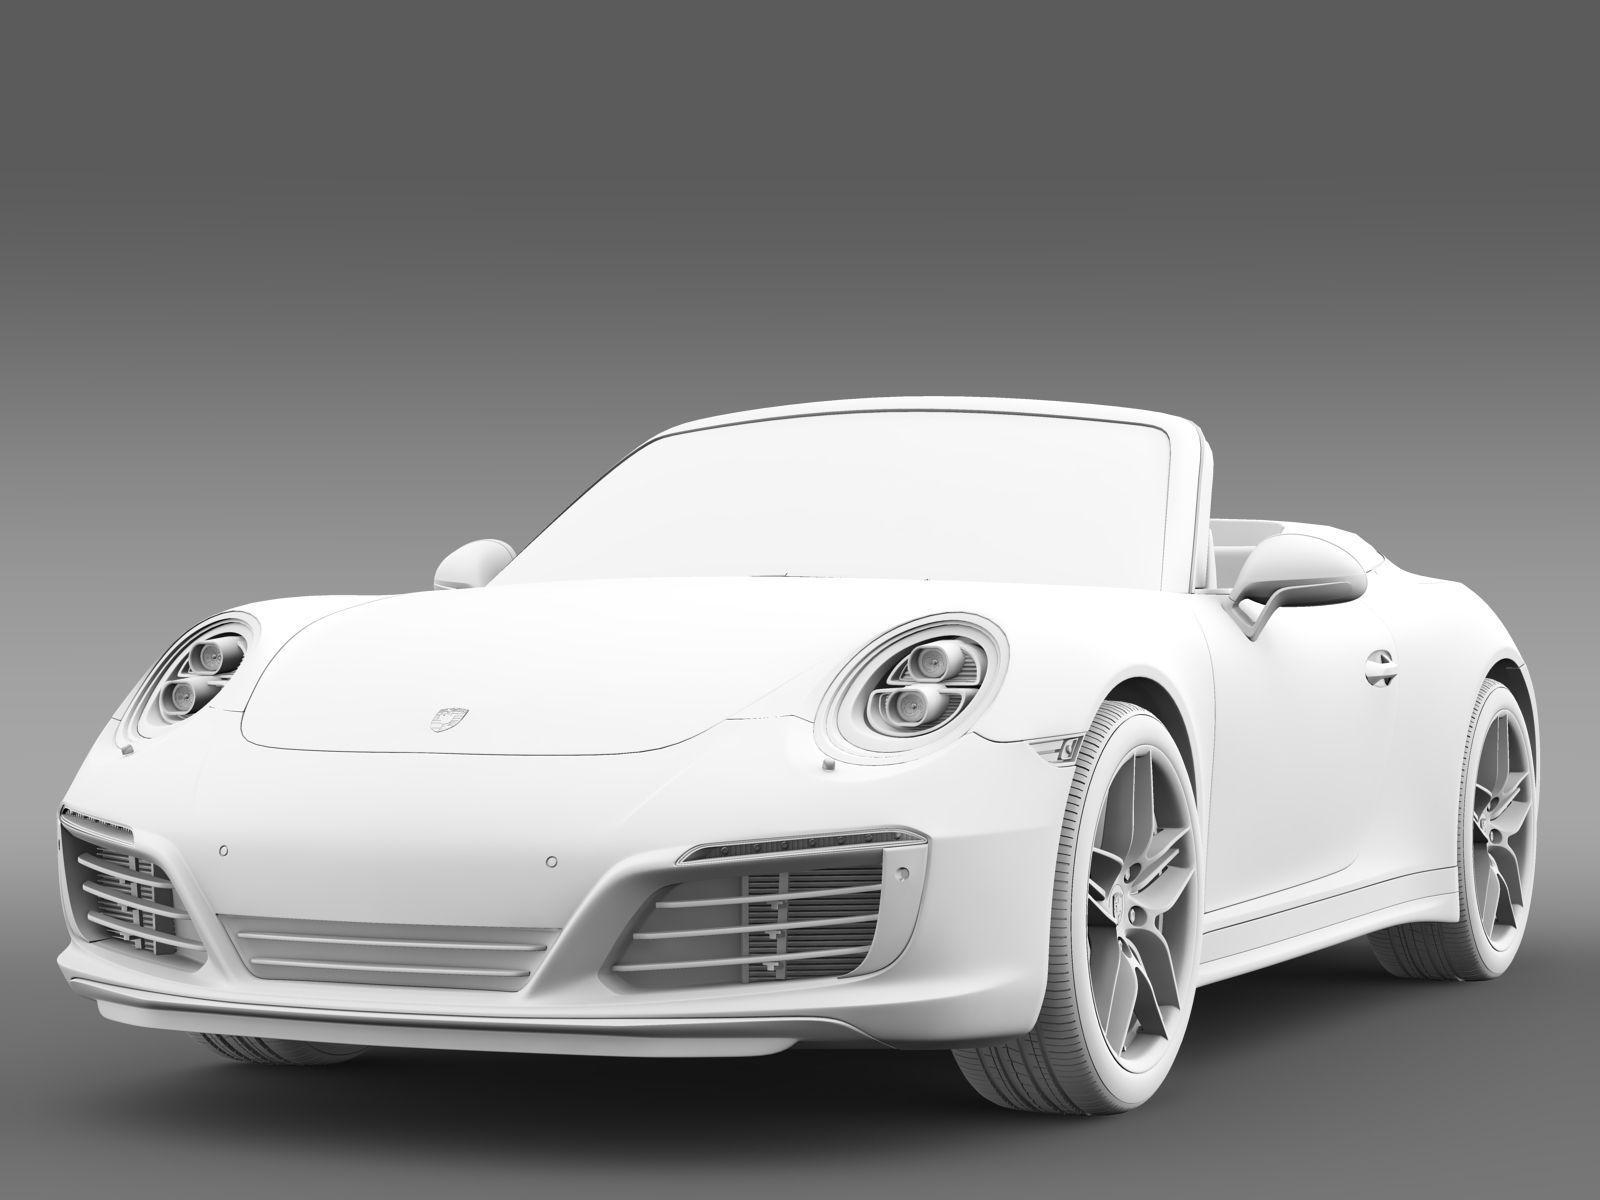 porsche 911 carrera s cabriolet 991 2016 3d model max obj 3ds fbx c4d lwo lw lws. Black Bedroom Furniture Sets. Home Design Ideas